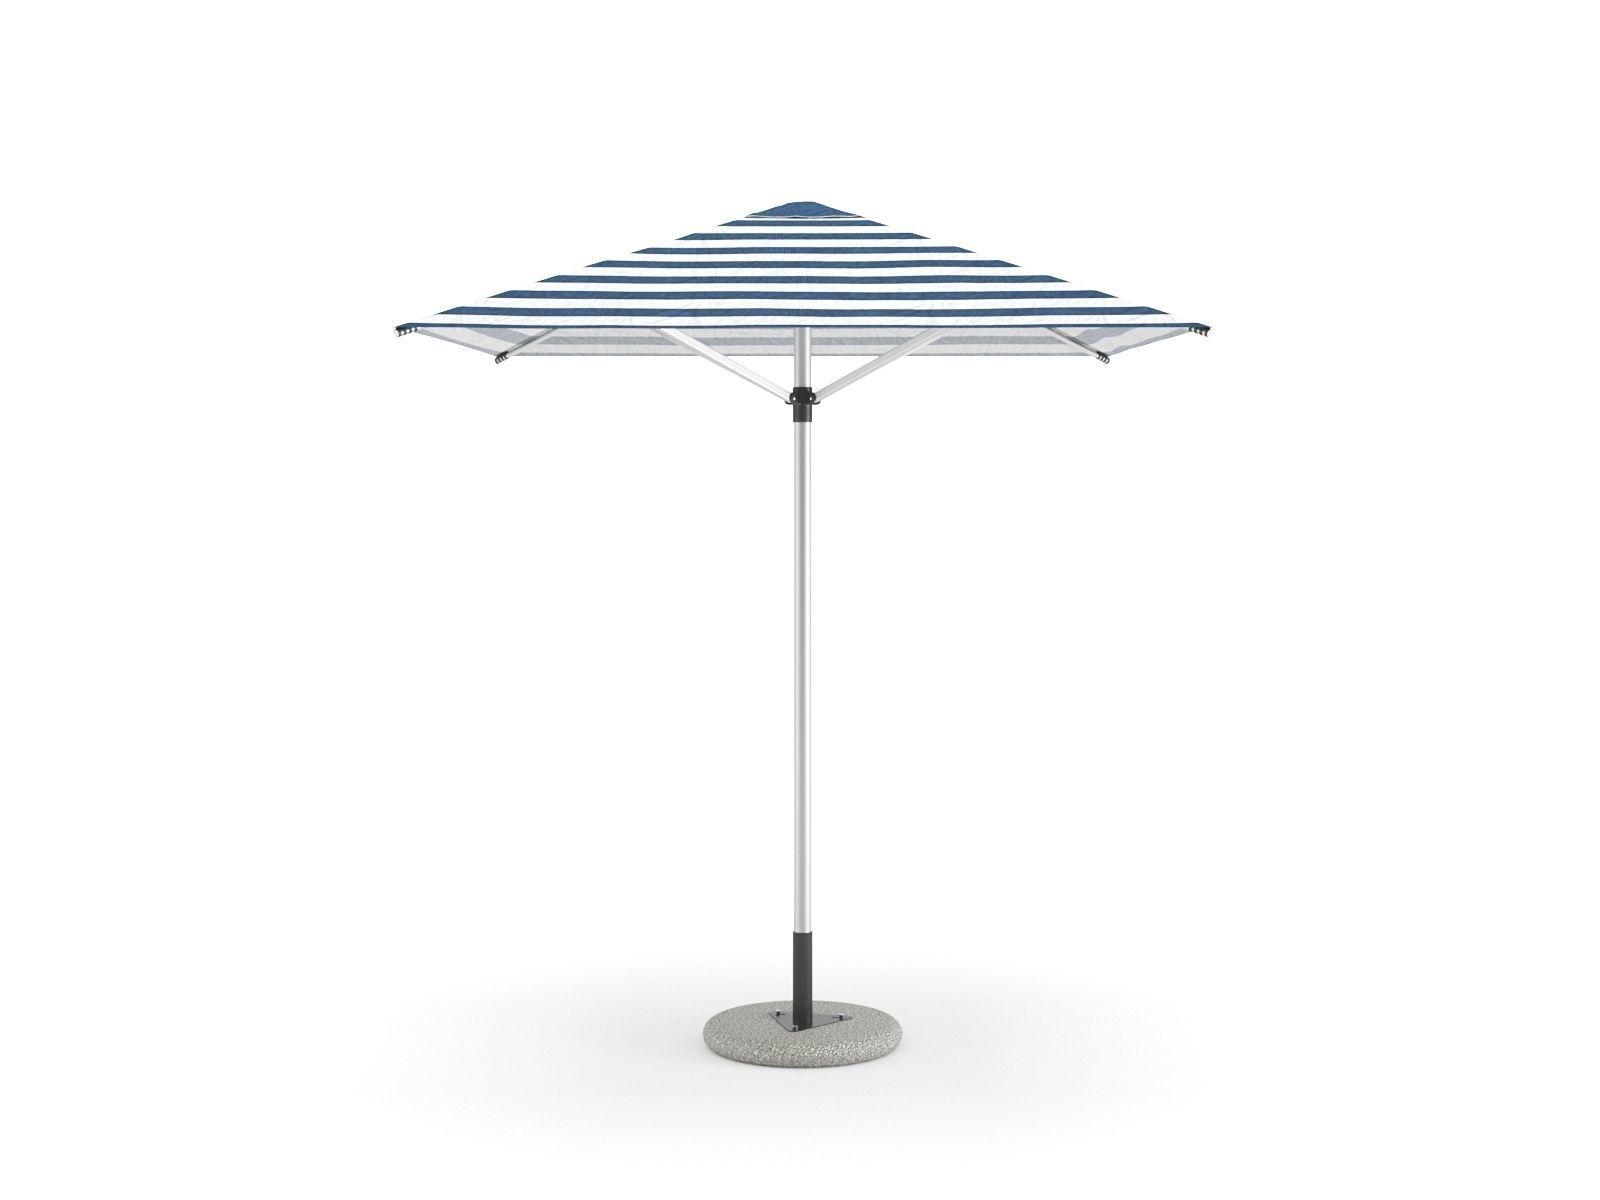 Umbrella Commercial Event Outdoor Parasol